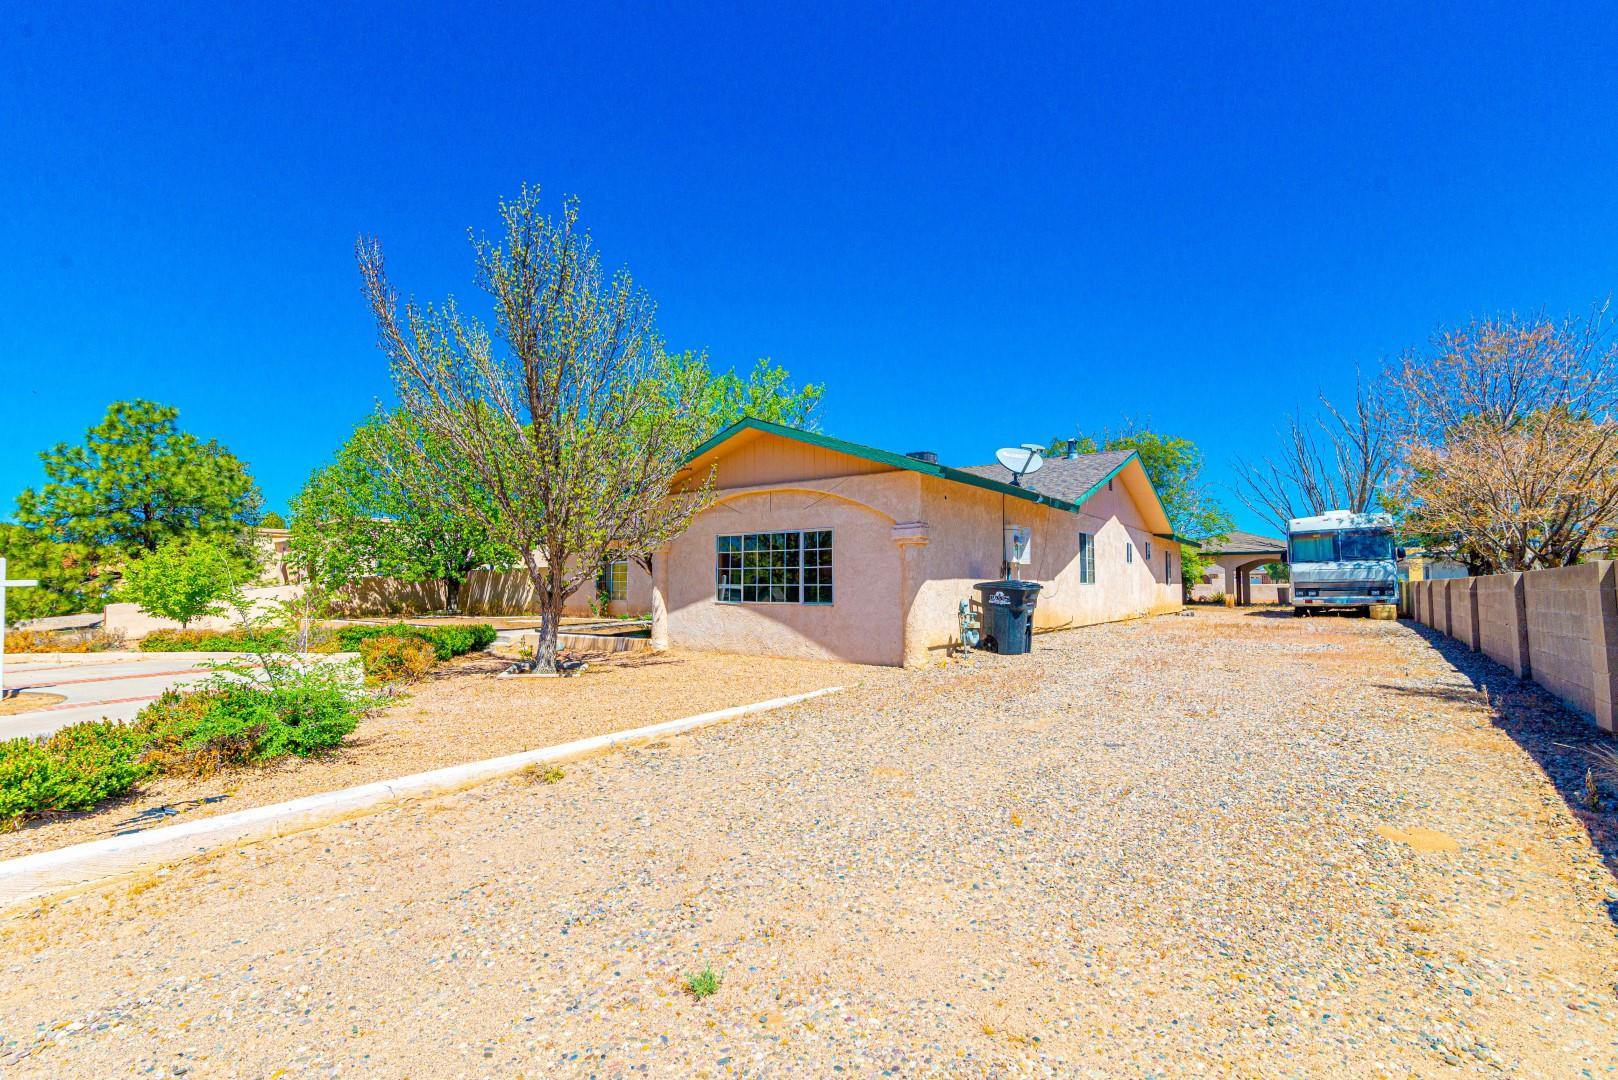 649 Palmer Lane, Rio Communities, NM 87002 - Rio Communities, NM real estate listing